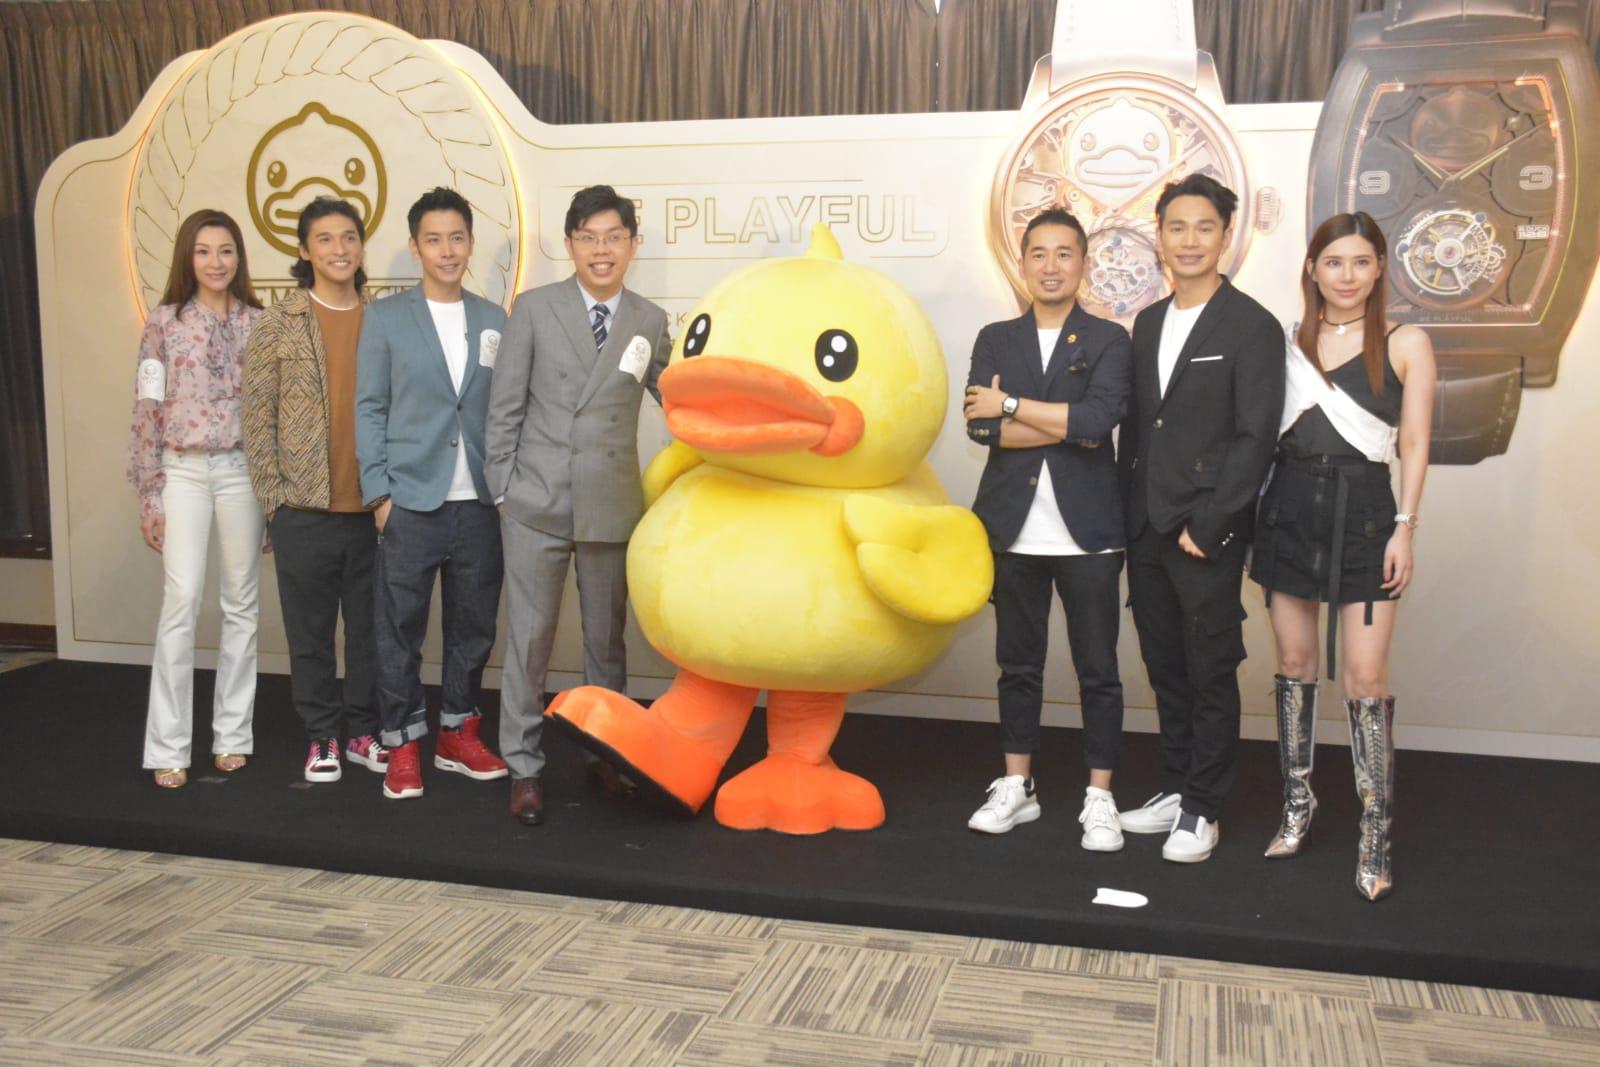 陸詩韻、王梓軒等出席B DuckX萬希泉「Be Playful系列陀飛輪腕表」發布會。